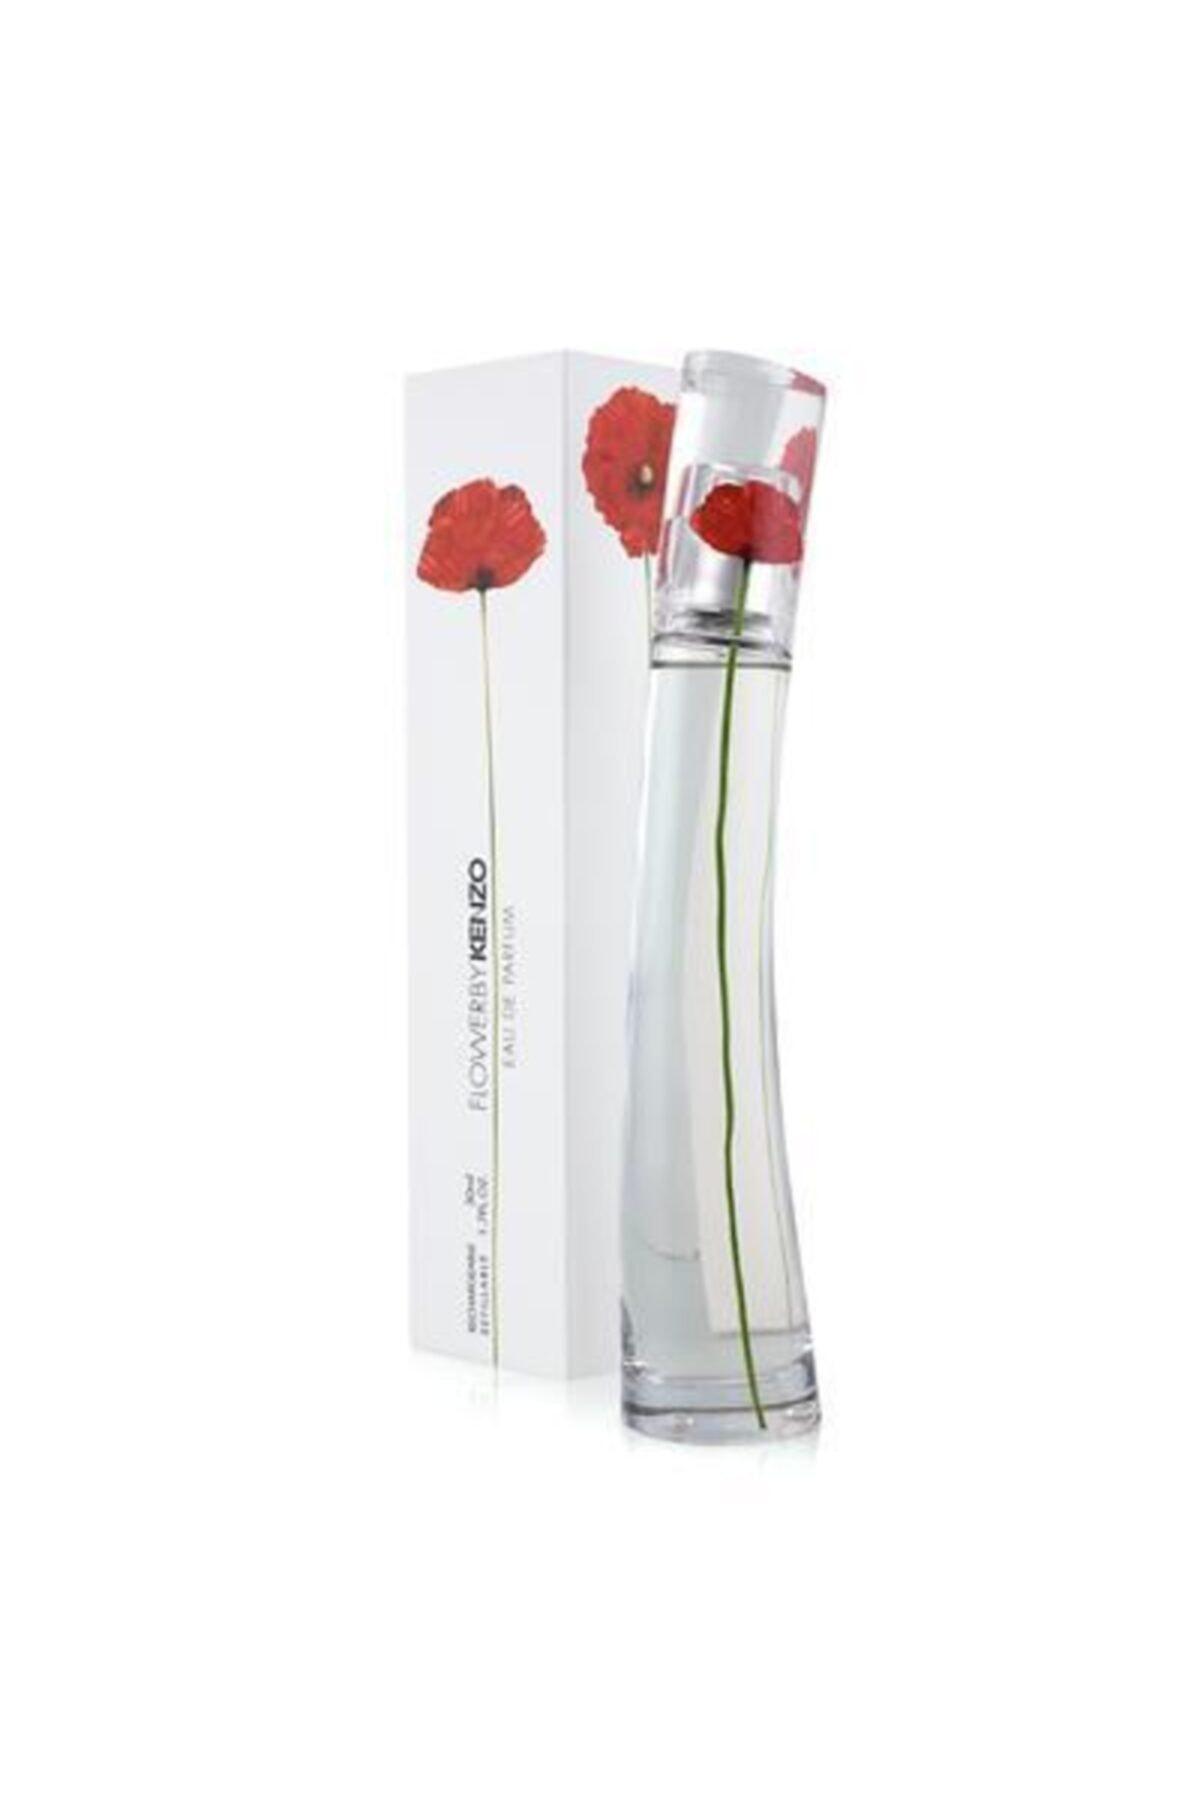 Kenzo Flower Edp 50 ml Kadın Parfüm 3352818517803 2